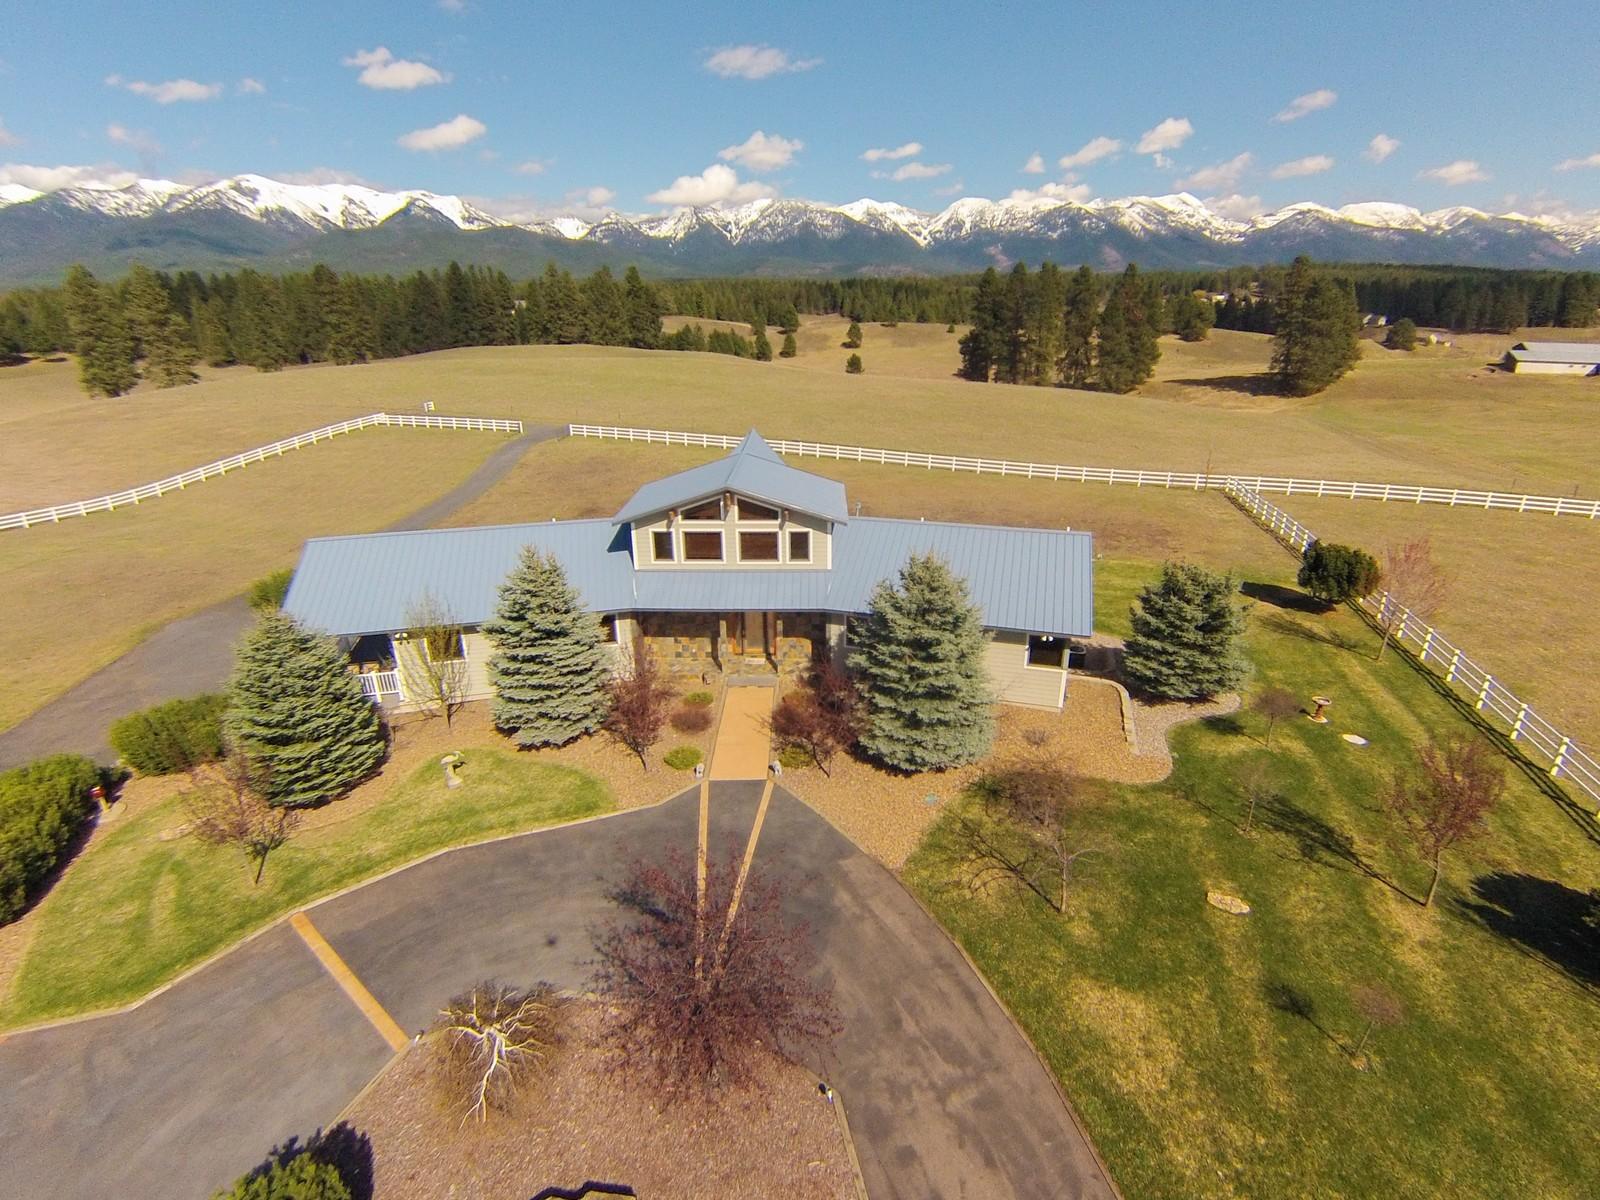 独户住宅 为 销售 在 377 Labrant Road 377 Labrant Rd 比格福克, 蒙大拿州, 59911 美国